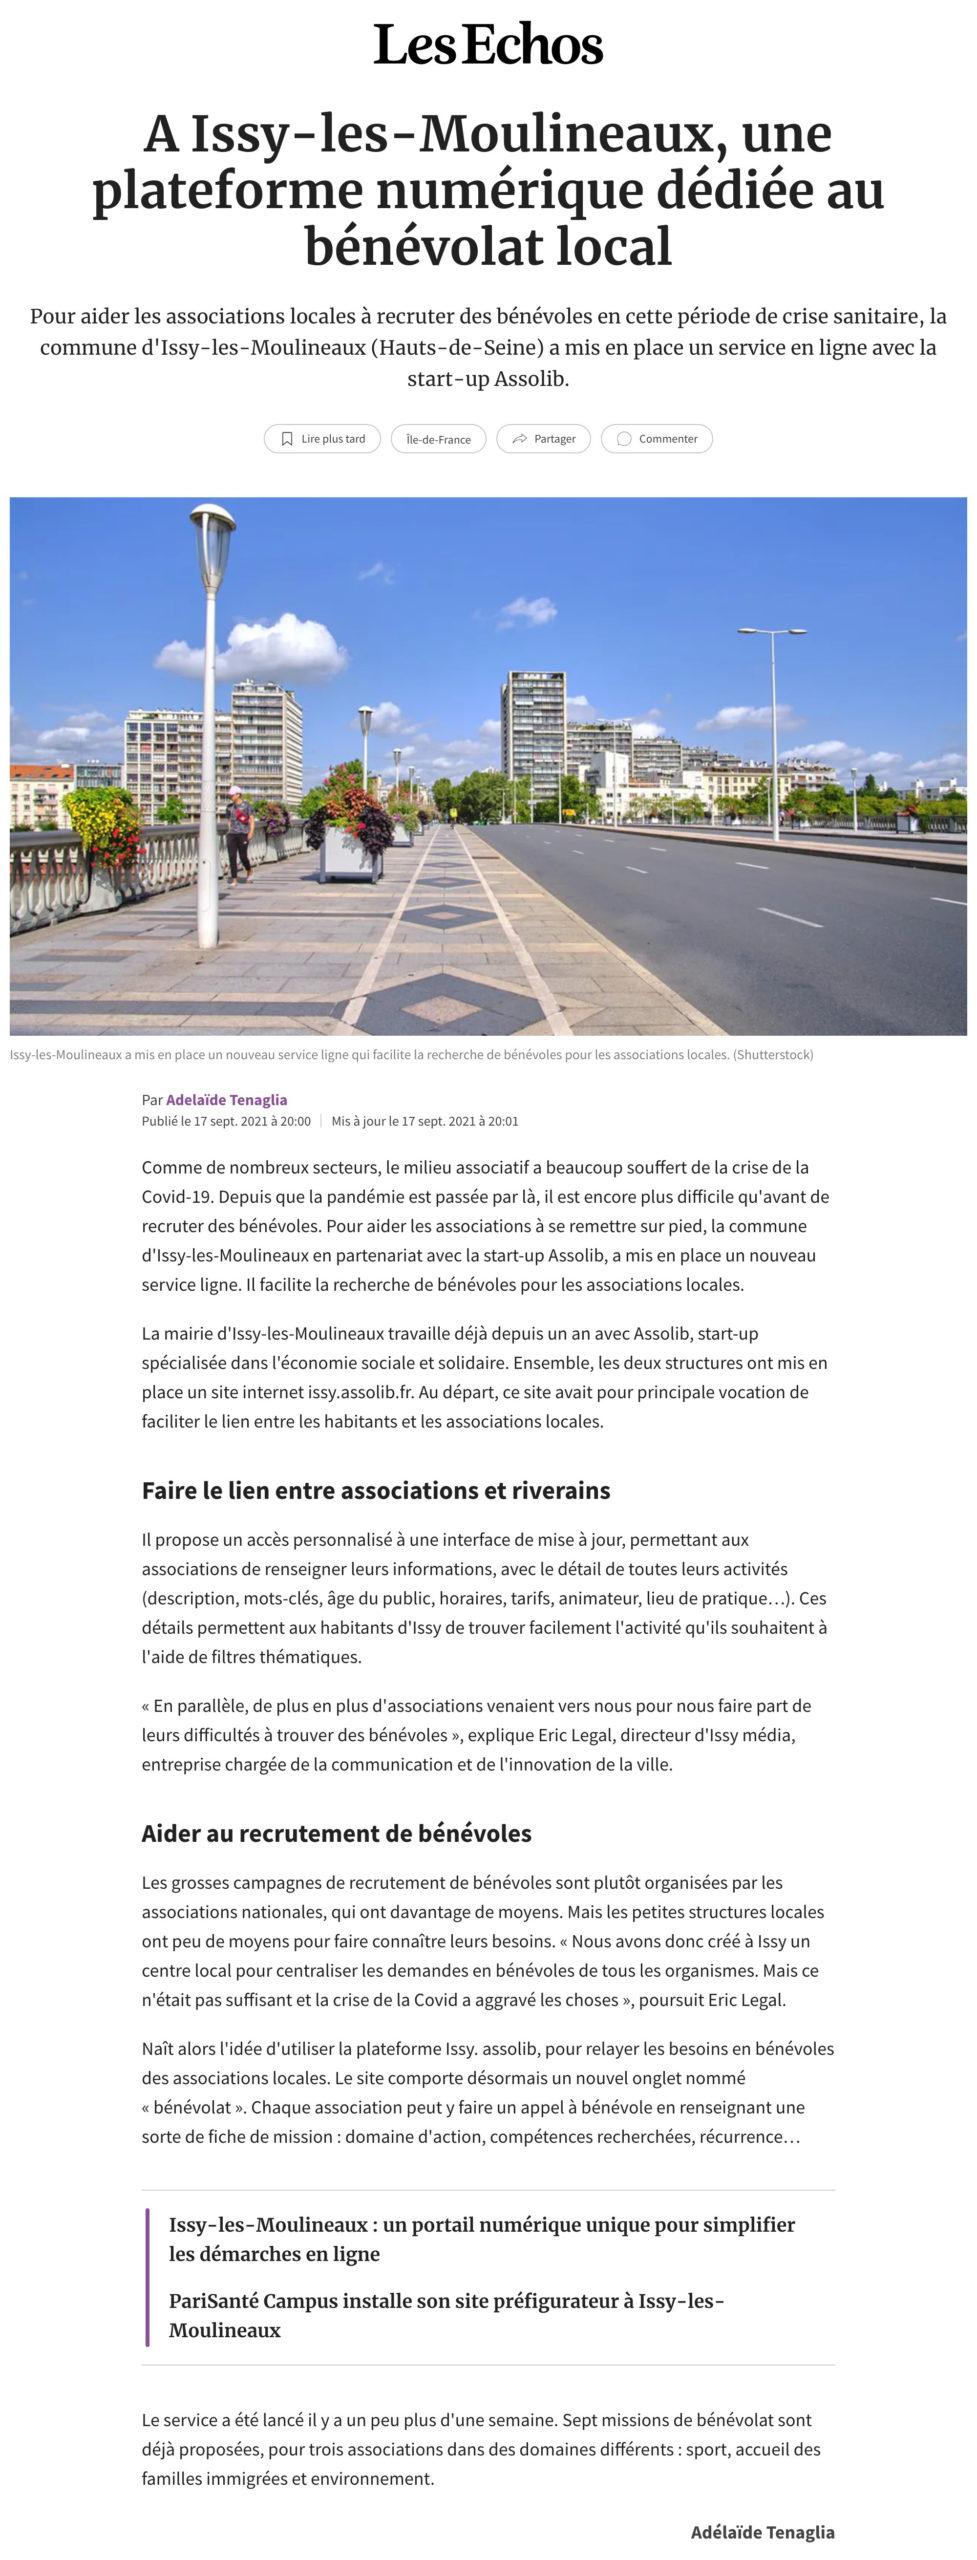 Assolib - A Issy-les-Moulineaux, une plateforme numérique dédiée au bénévolat local - www.lesechos.fr